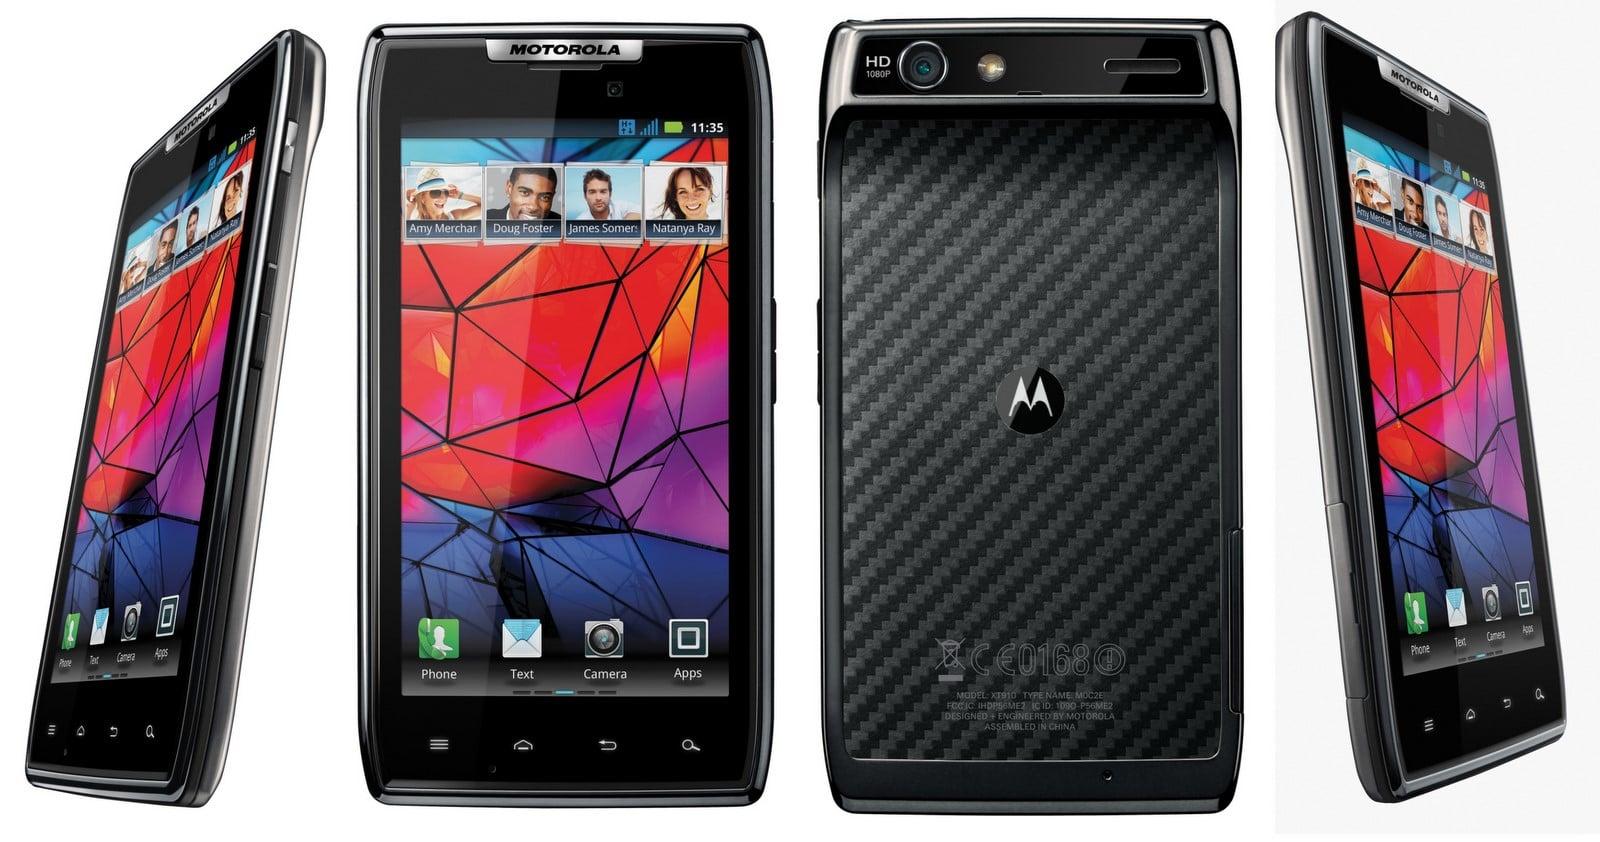 15 najładniejszych smartfonów z Androidem - ranking wszechczasów 4